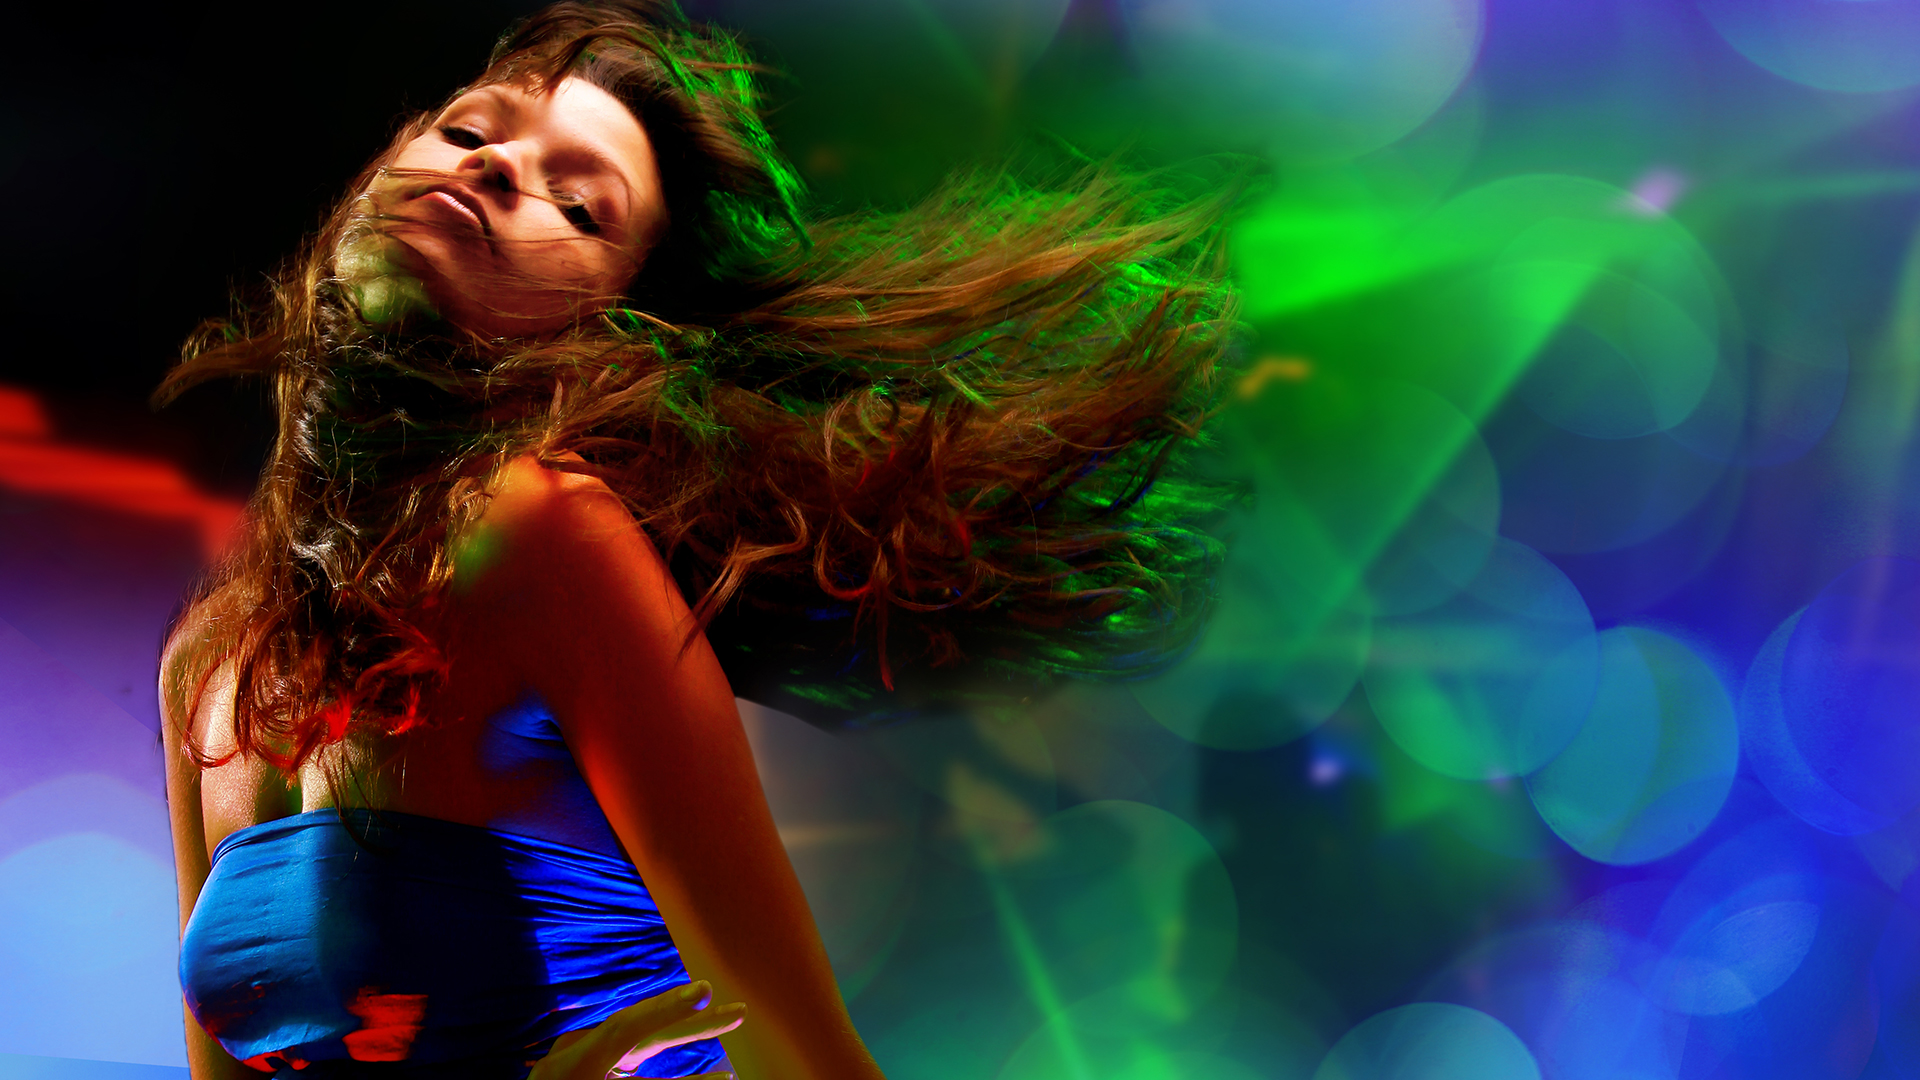 Танец красивой девушки  № 350451  скачать